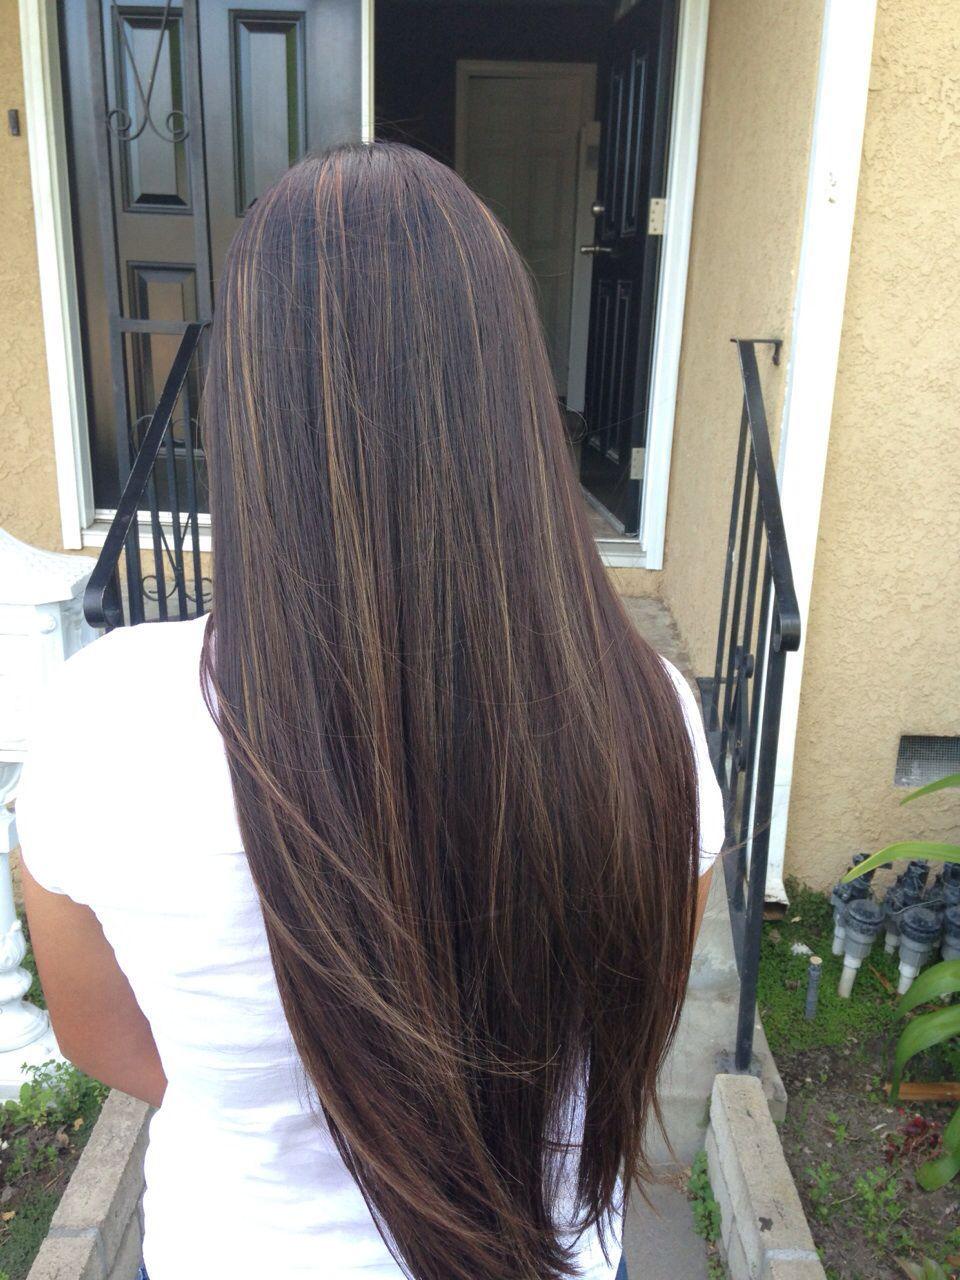 867e8fb227b8500118c4fd5e775f1361 Jpg 960 1 280 Pixels Balayage Straight Hair Hair Highlights Hair